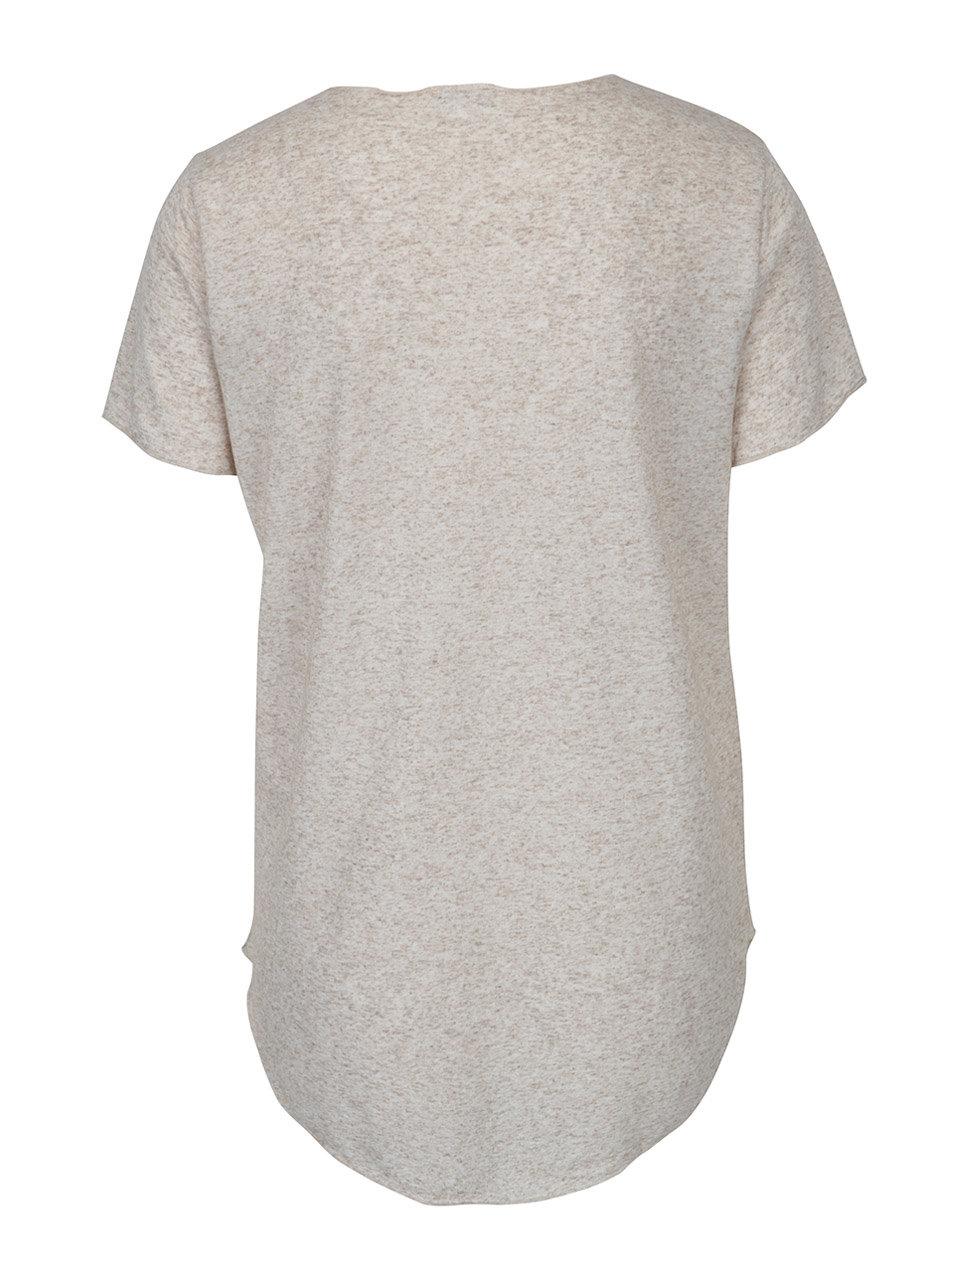 c6bbcf1c42ac Béžové žíhané tričko s příměsí lnu Jacqueline de Yong Linette ...